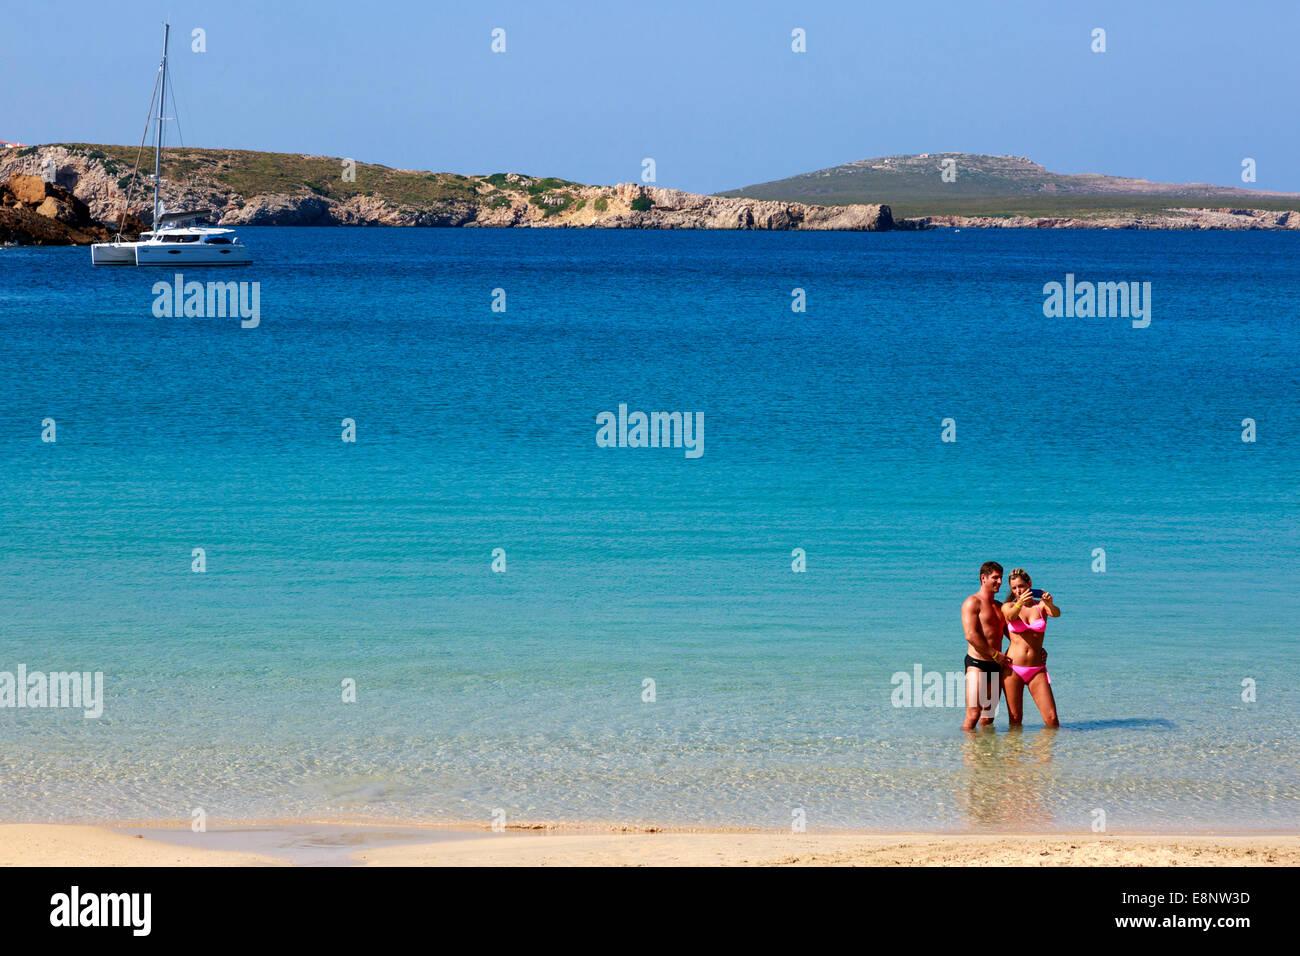 El hombre y la mujer de vacaciones teniendo una 'fotografía' elfie mientras está de pie en el Imagen De Stock